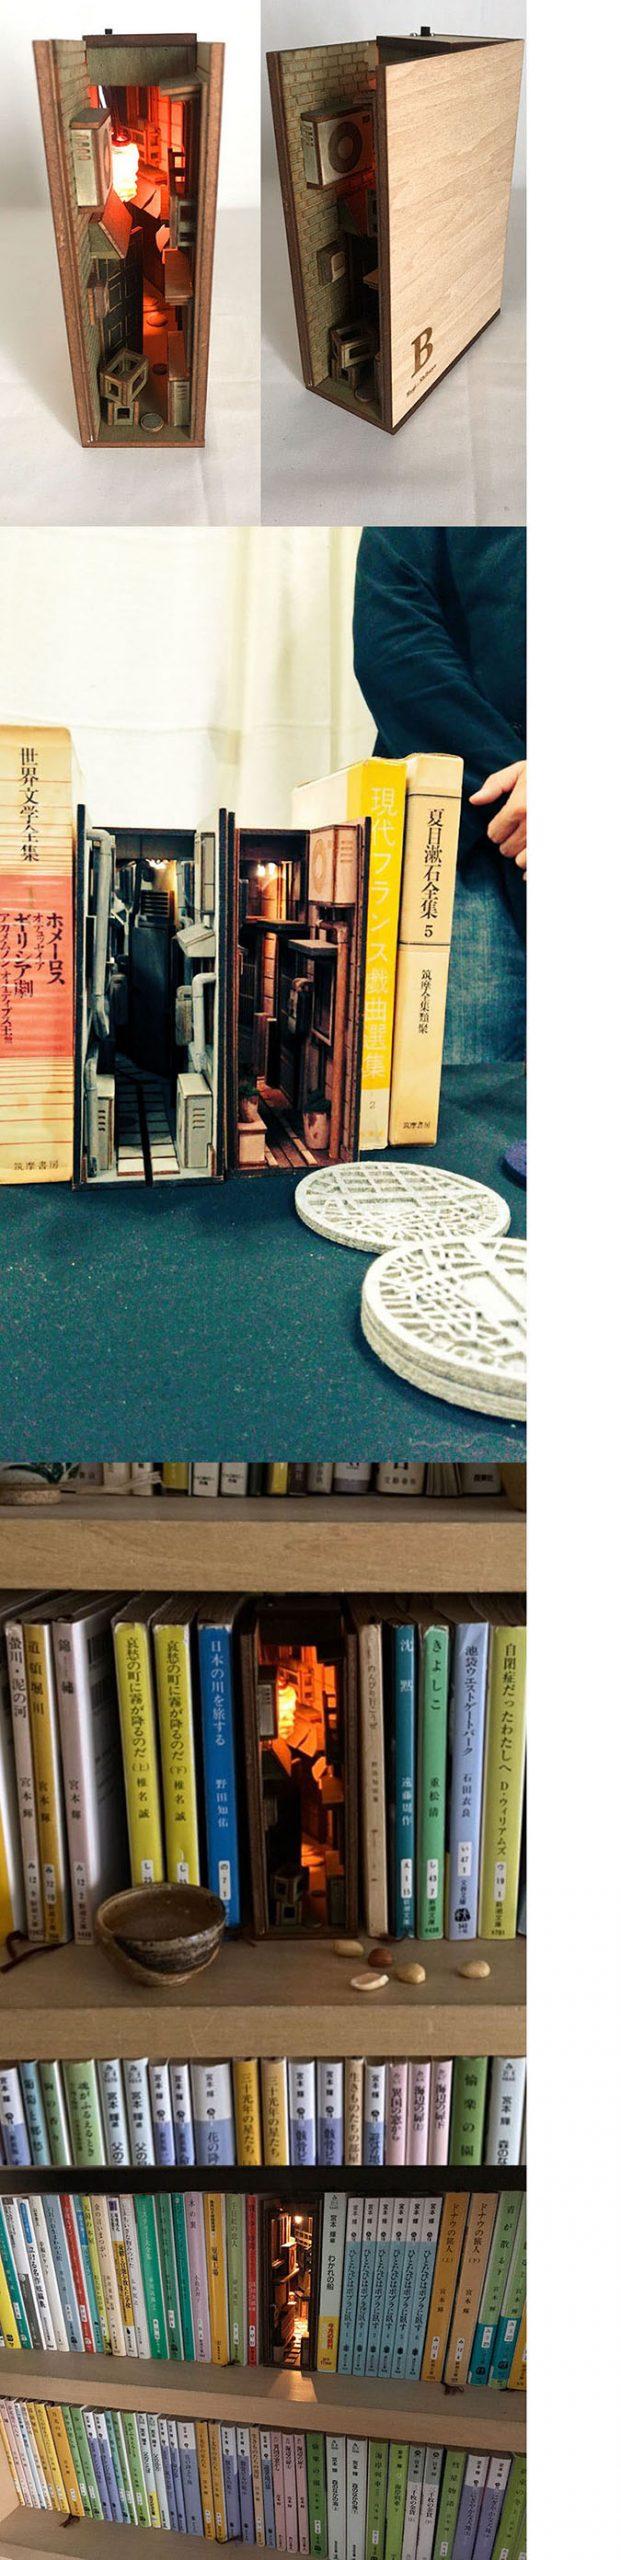 monde book diorama circa 2017